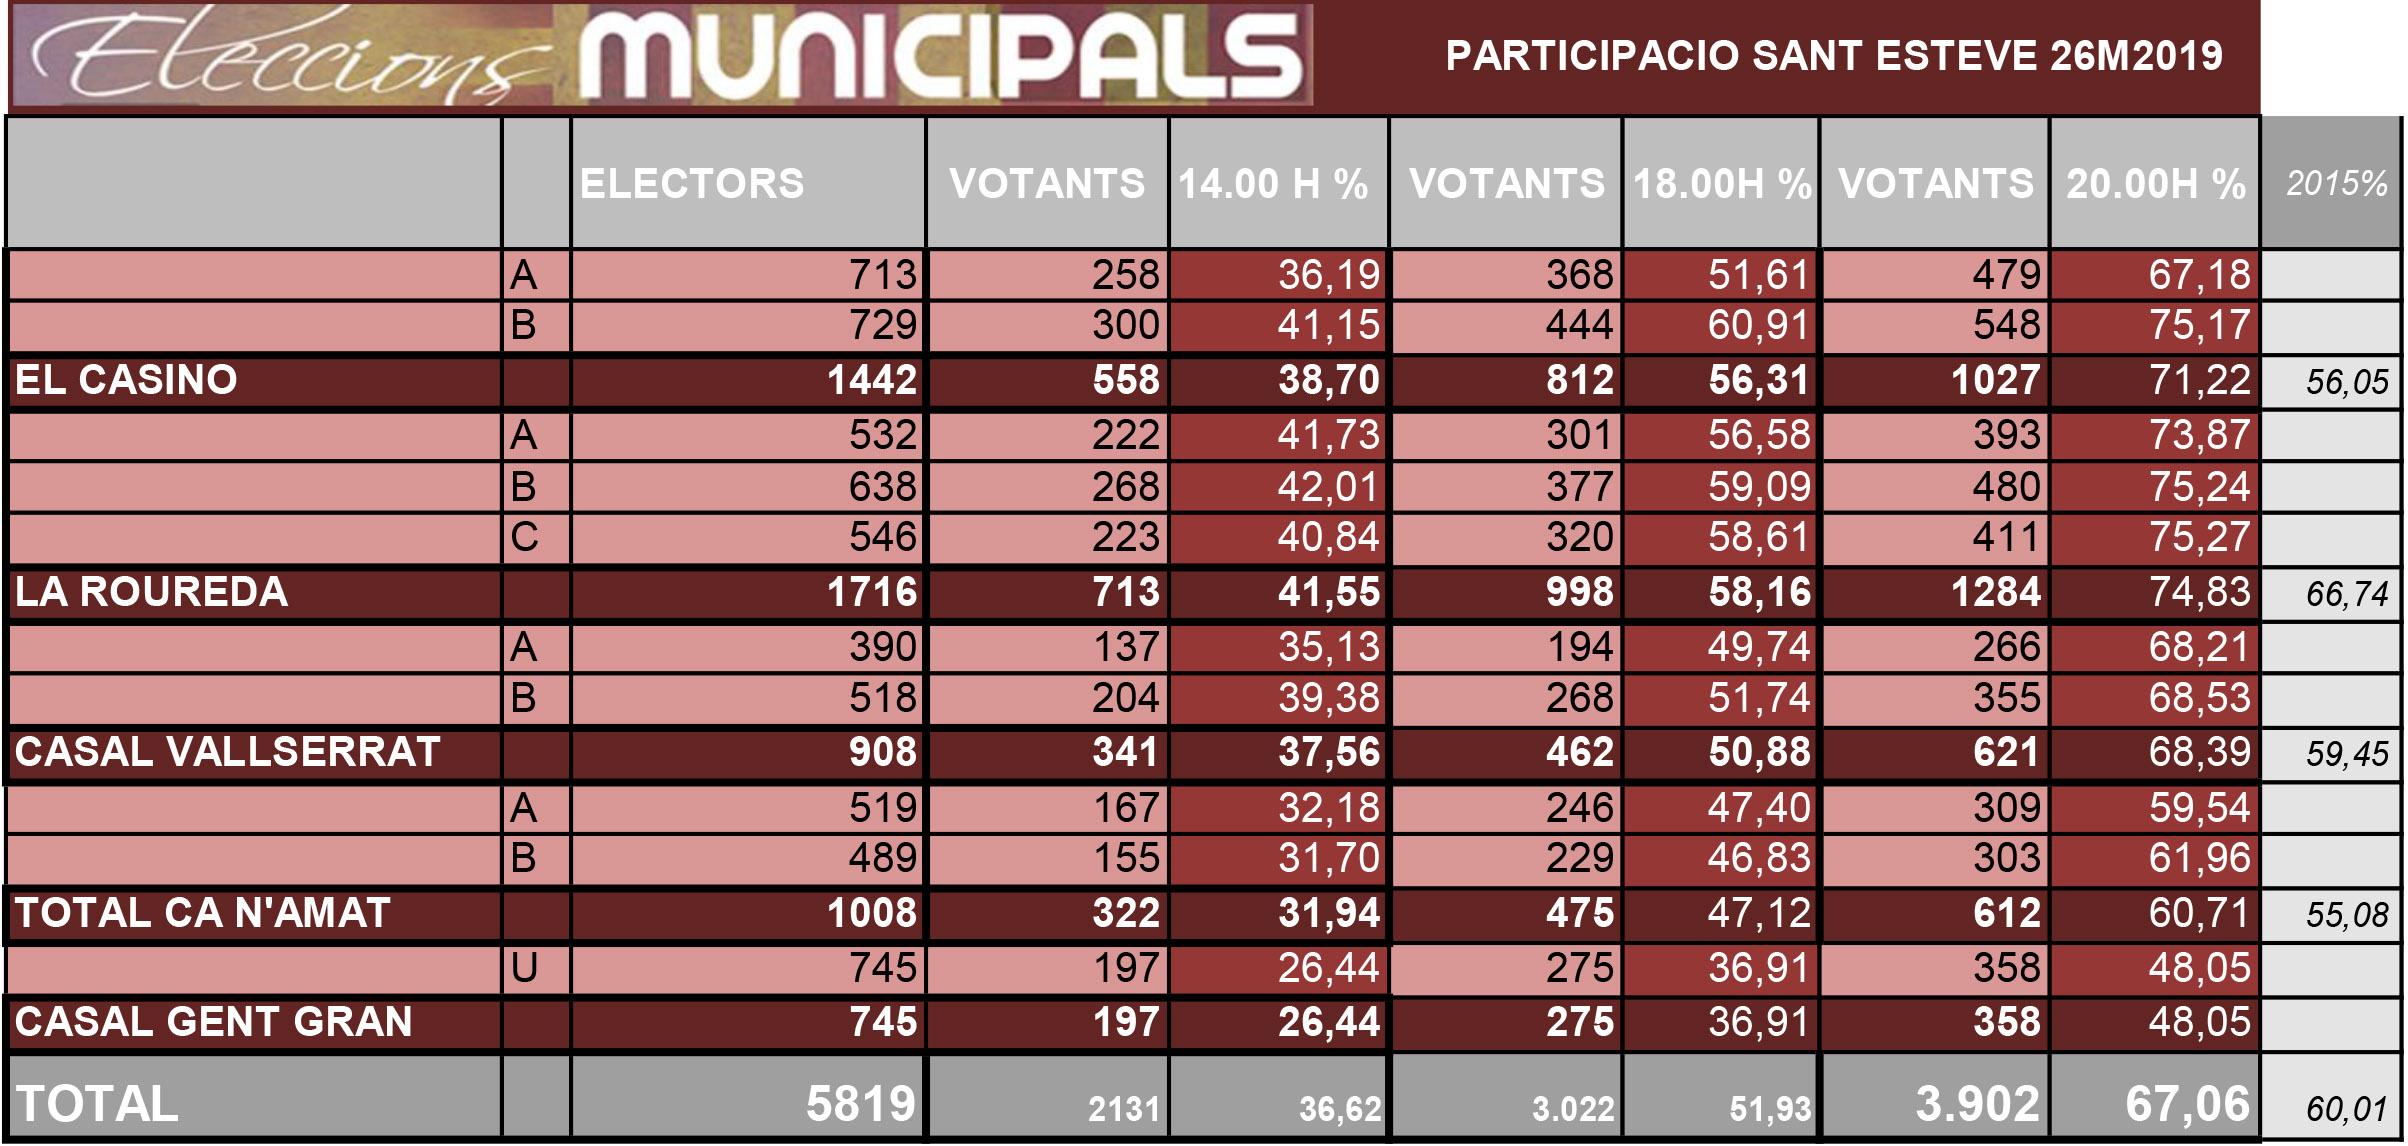 Participació Municipals